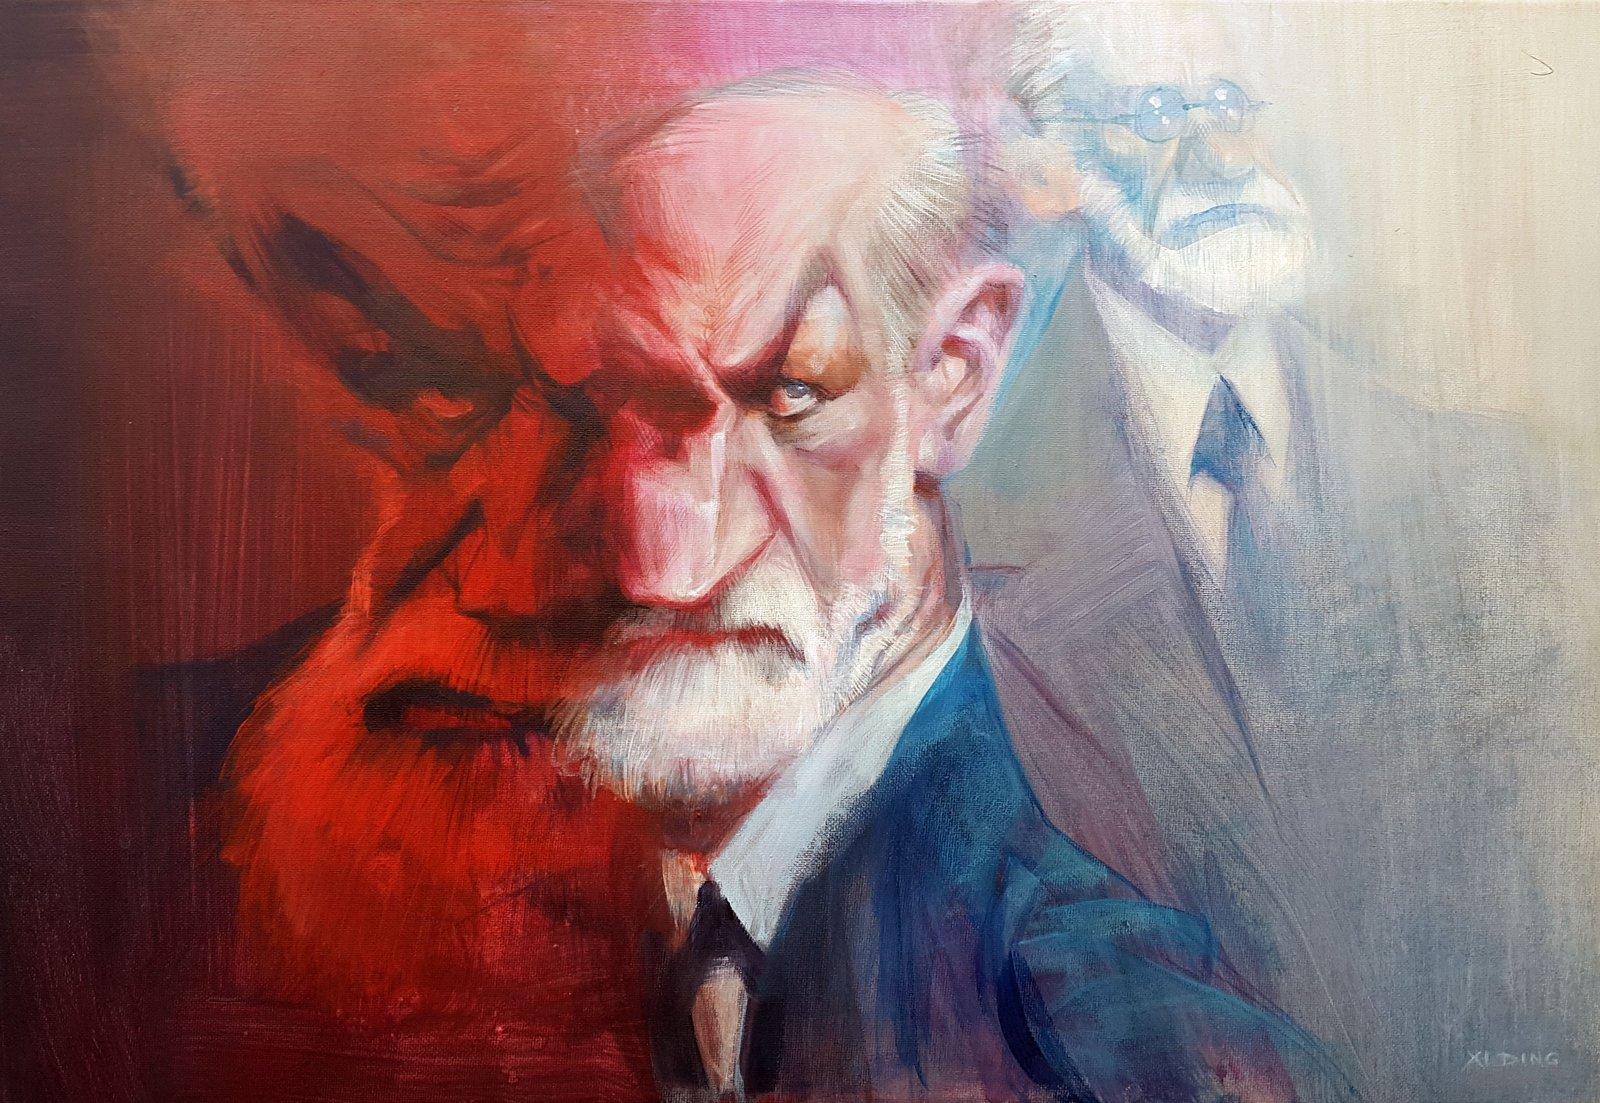 Sigmund Freud por Xi Ding